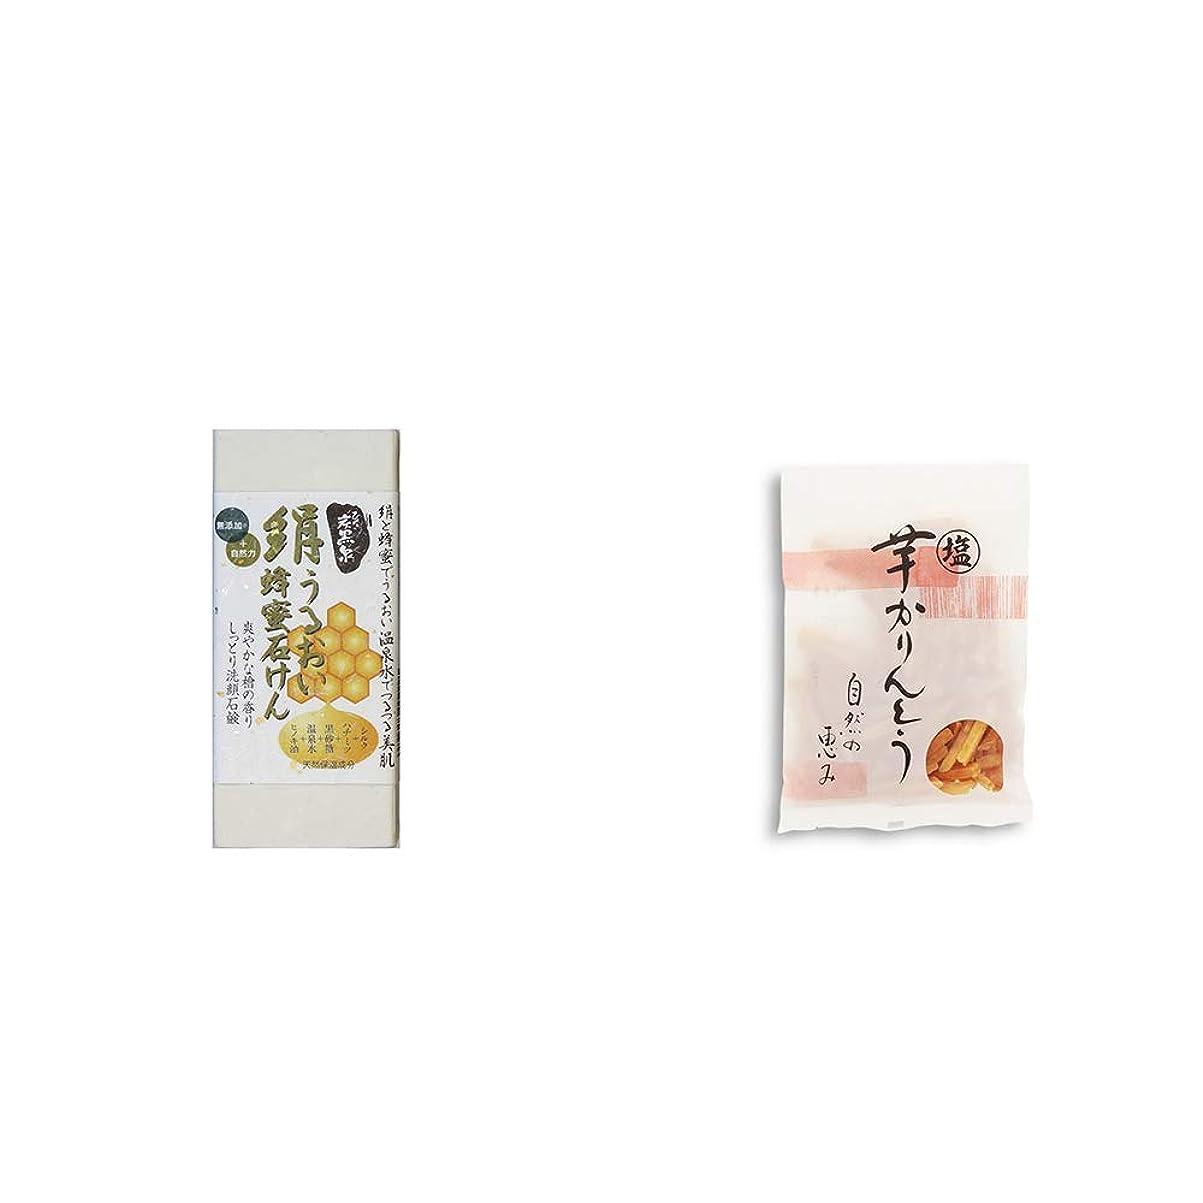 ハウジング勇者突進[2点セット] ひのき炭黒泉 絹うるおい蜂蜜石けん(75g×2)?塩芋かりんとう(150g)